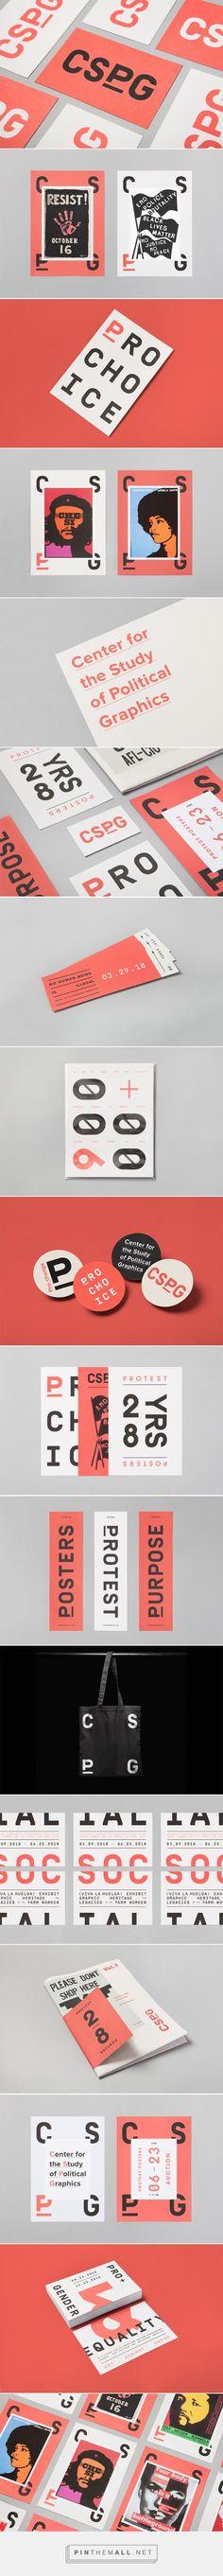 CSPG by Blok Design